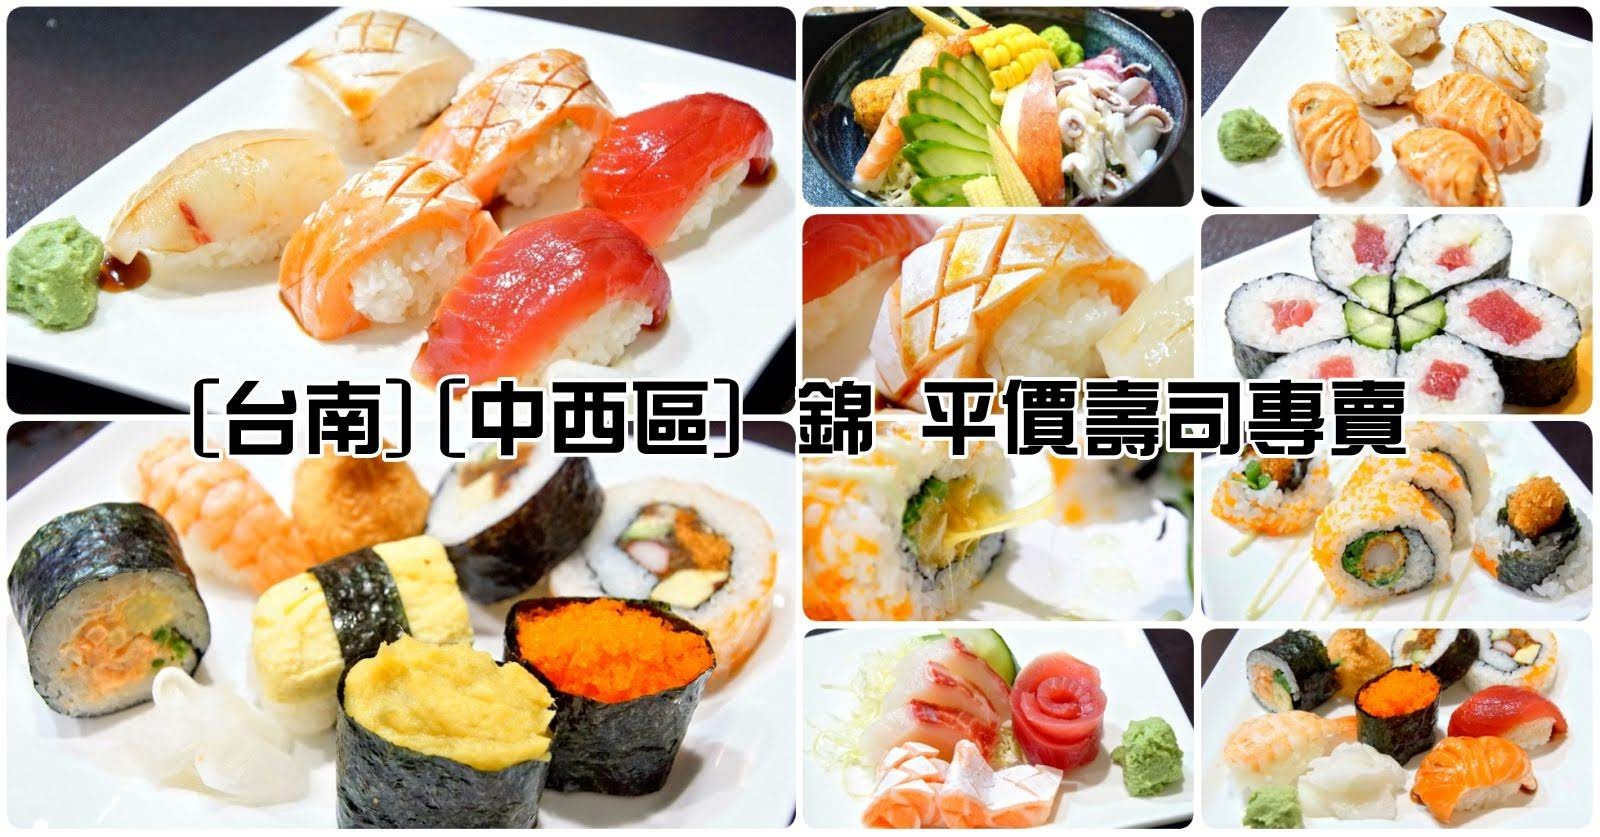 [台南][中西區] 錦 平價壽司專賣|食記